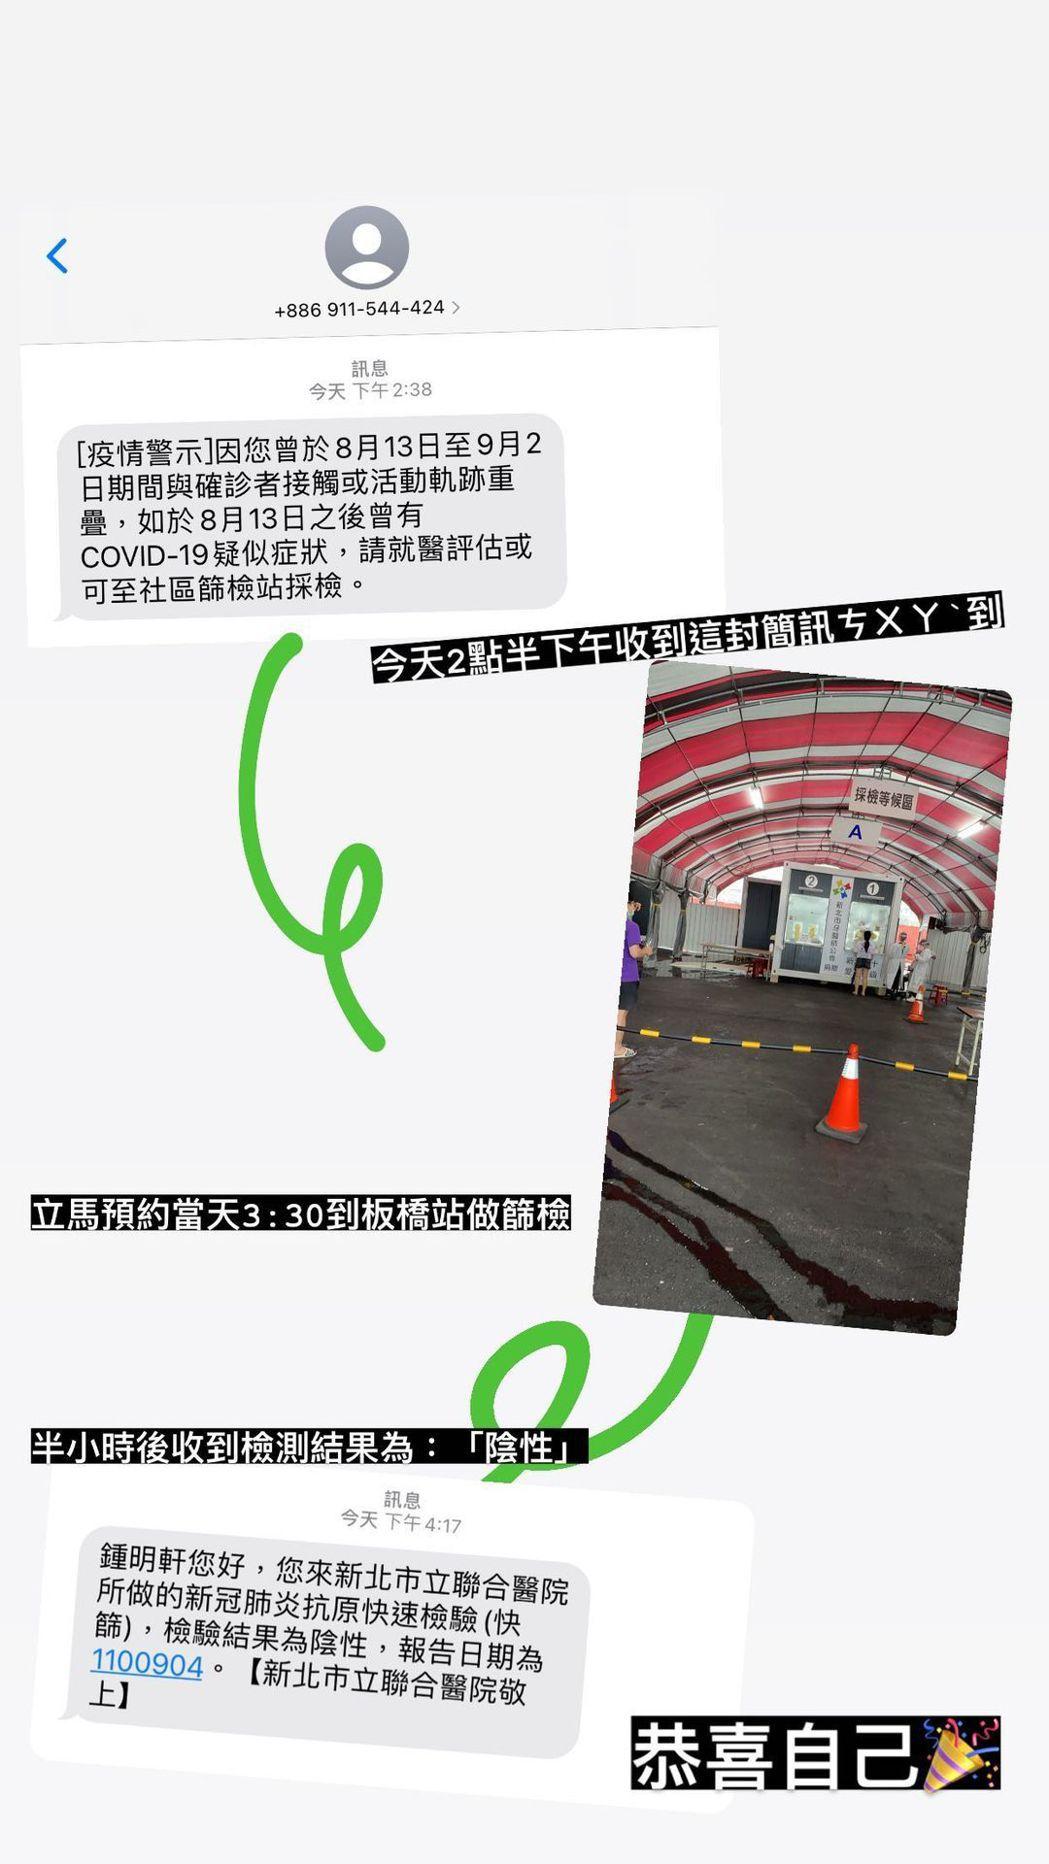 鍾明軒收到與確診者活動足跡重疊的警示簡訊,立刻預約做快篩。 圖/擷自鍾明軒IG